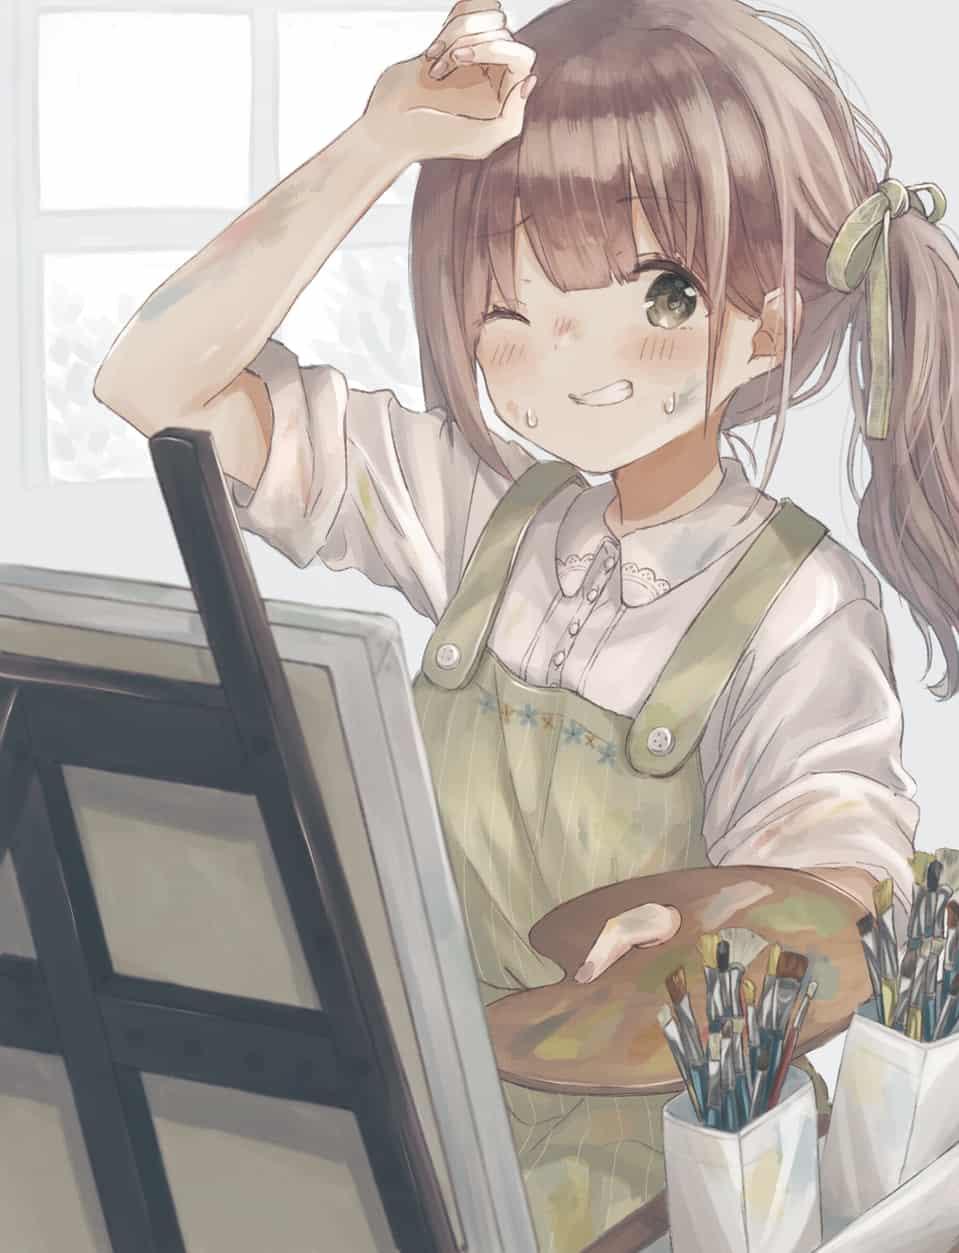 よし…完成っ Illust of Shano Pirika Original_Illustration_Contest illustration girl 絵の具